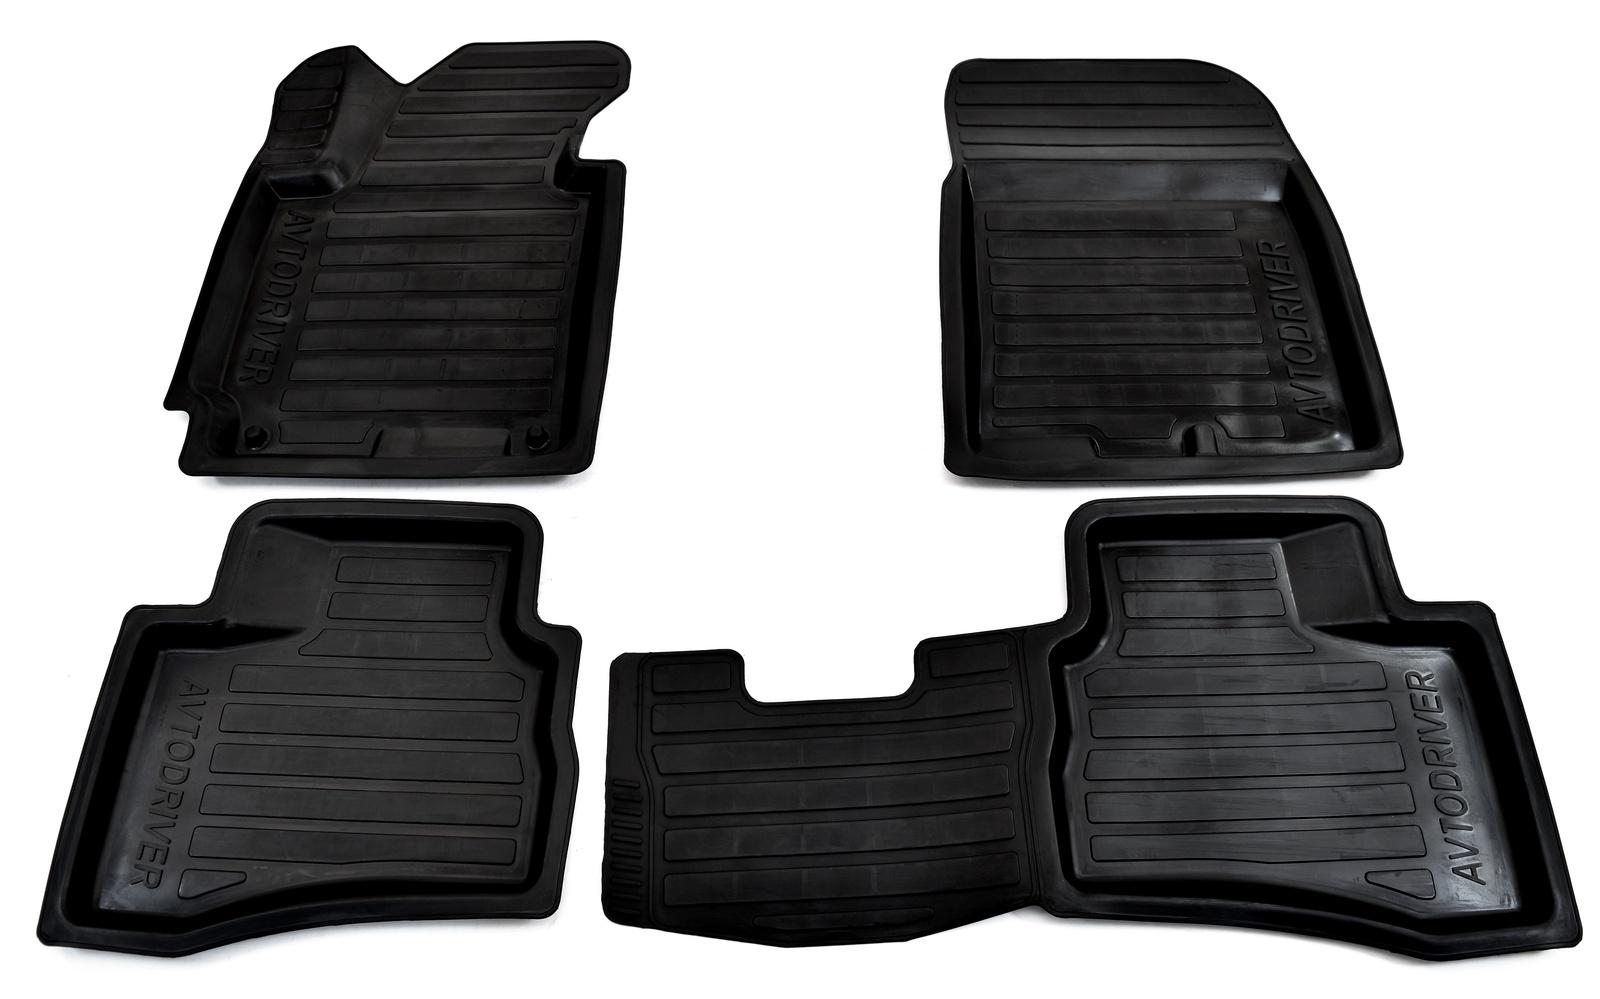 Коврики в салон автомобиля Avtodriver, для Hyundai i30, 2012-, ADRPRO020, резиновые, с бортиком, черный